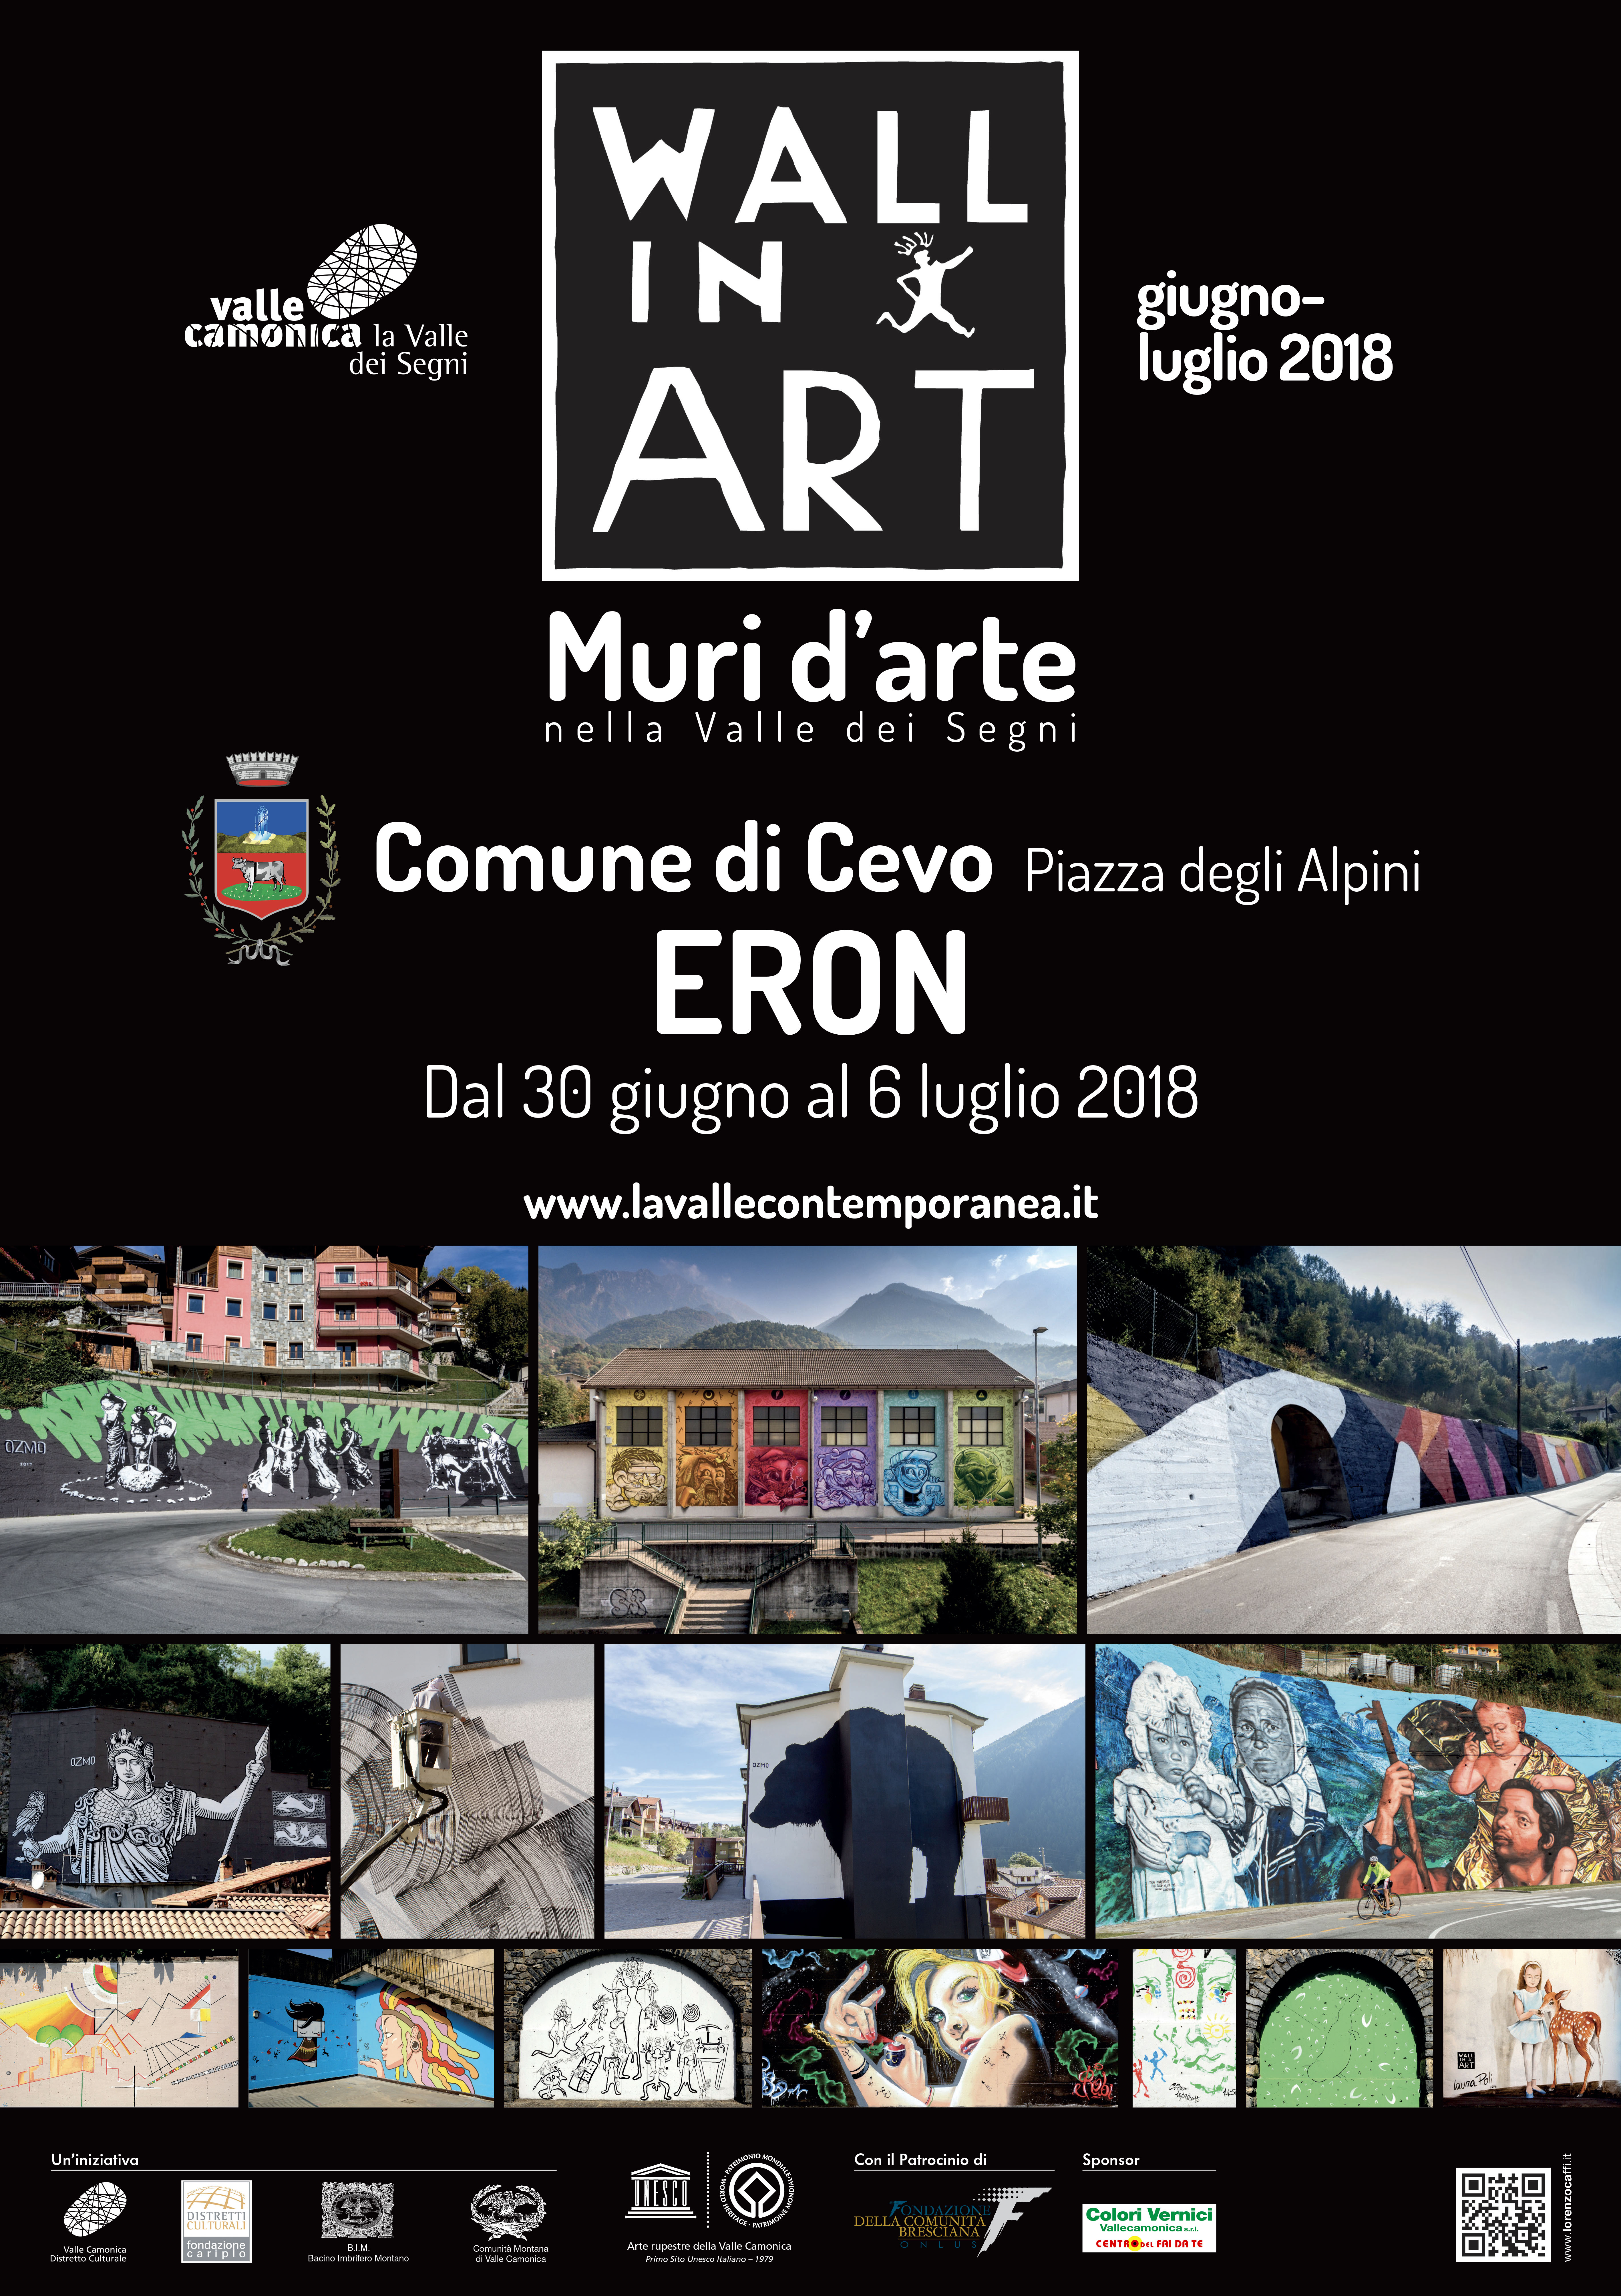 locandina iron wall in art 2018 cevo distretto culturale valle camonica